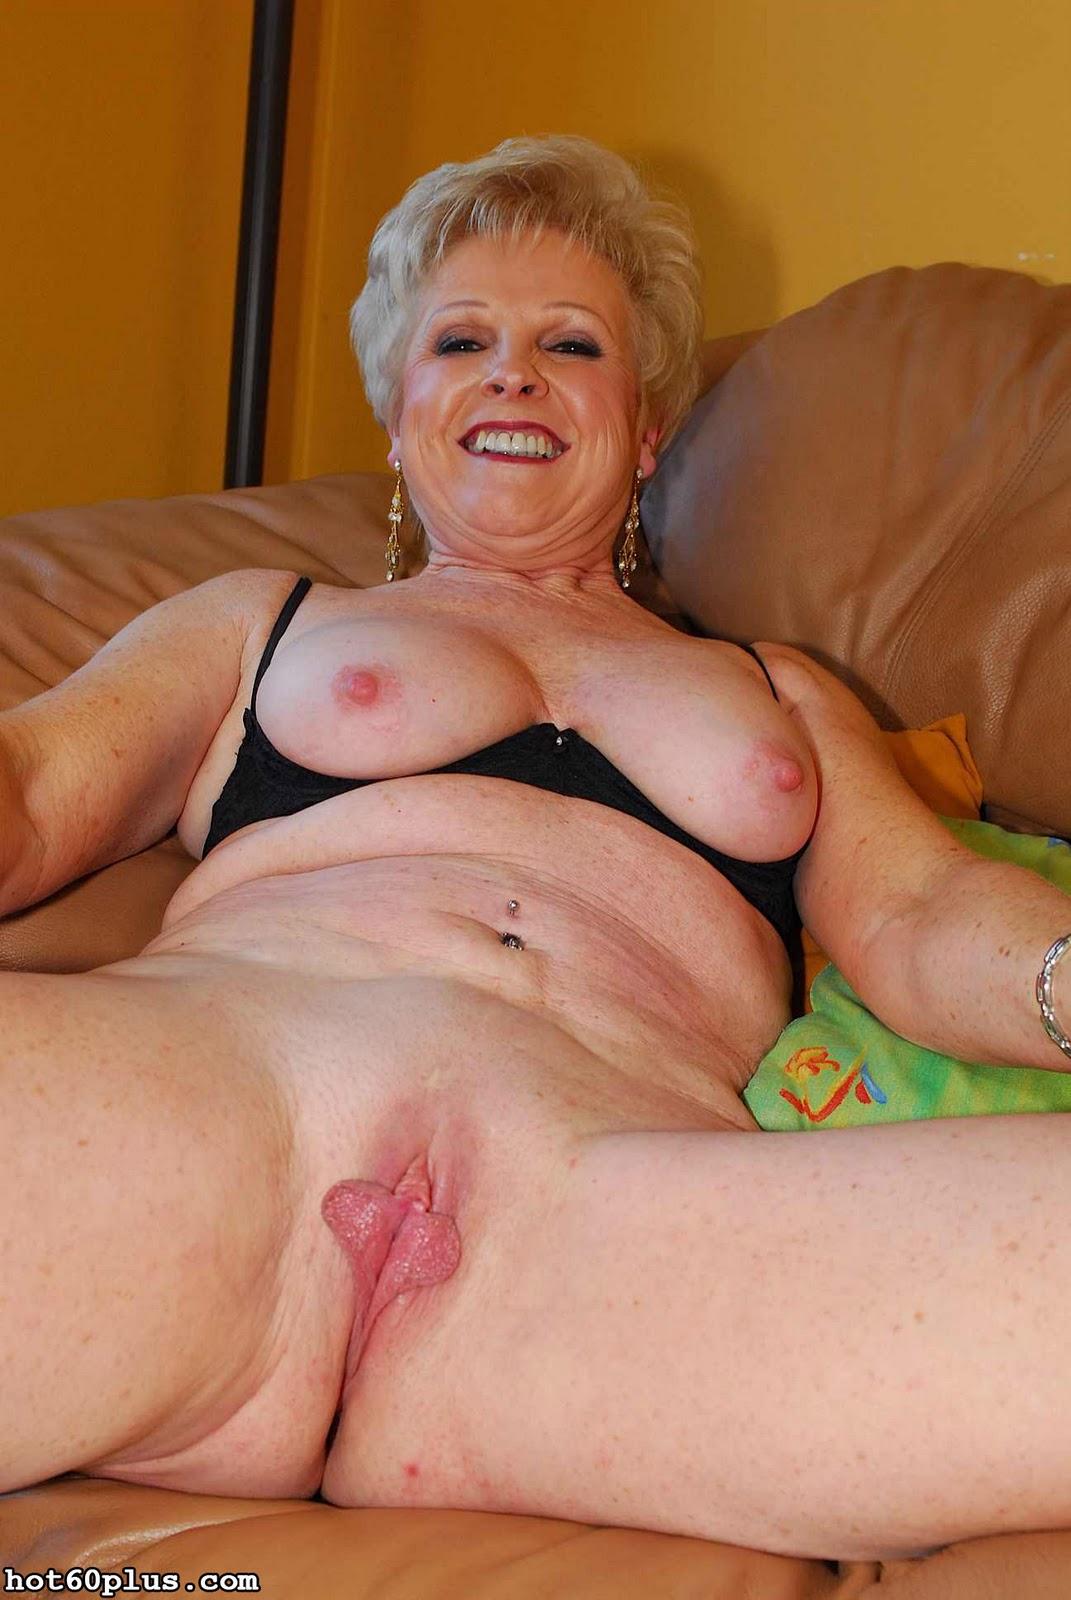 Порно фото старух от 60 лет